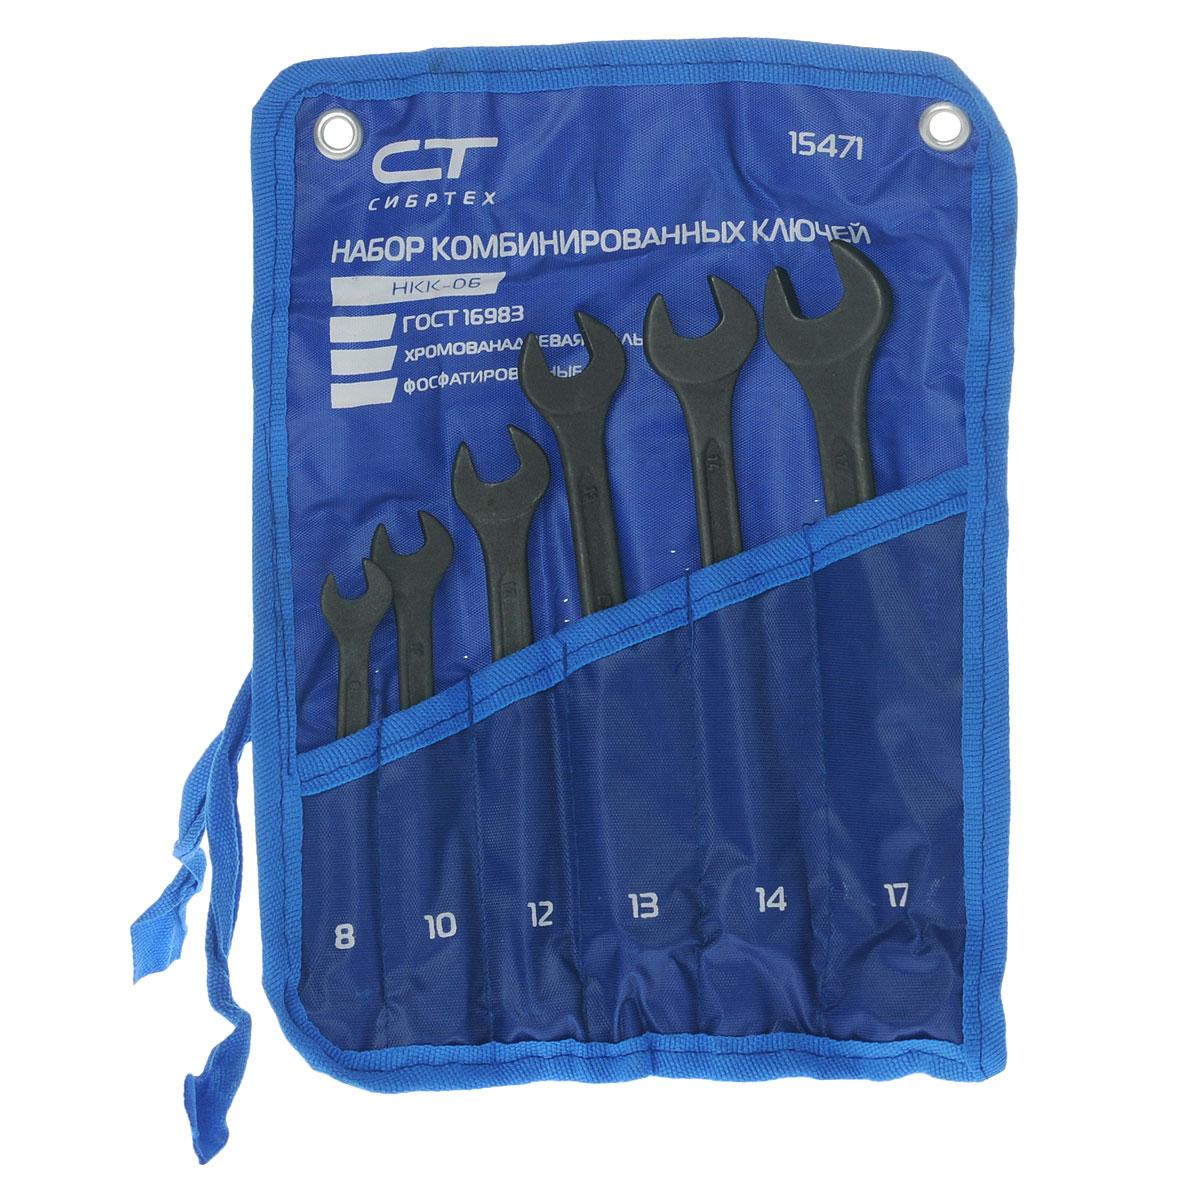 Набор ключей комбинированных Сибртех, фосфатированные, 6 шт80621Набор комбинированных ключей Сибртех предназначен для монтажа и демонтажа резьбовых соединений. Они изготовлены из хромованадиевой стали марки 40ХФА. Соответствуют требованиям ГОСТ 16983. Ключи изготовлены методом горячей ковки с последующей термической обработкой (отжиг, закалка и отпуск), имеют фосфатированное покрытие.В состав набора входят ключи на 8 мм, 10 мм, 12 мм, 13 мм, 14 мм, 17 мм. Твердость: 42-47 HRс.